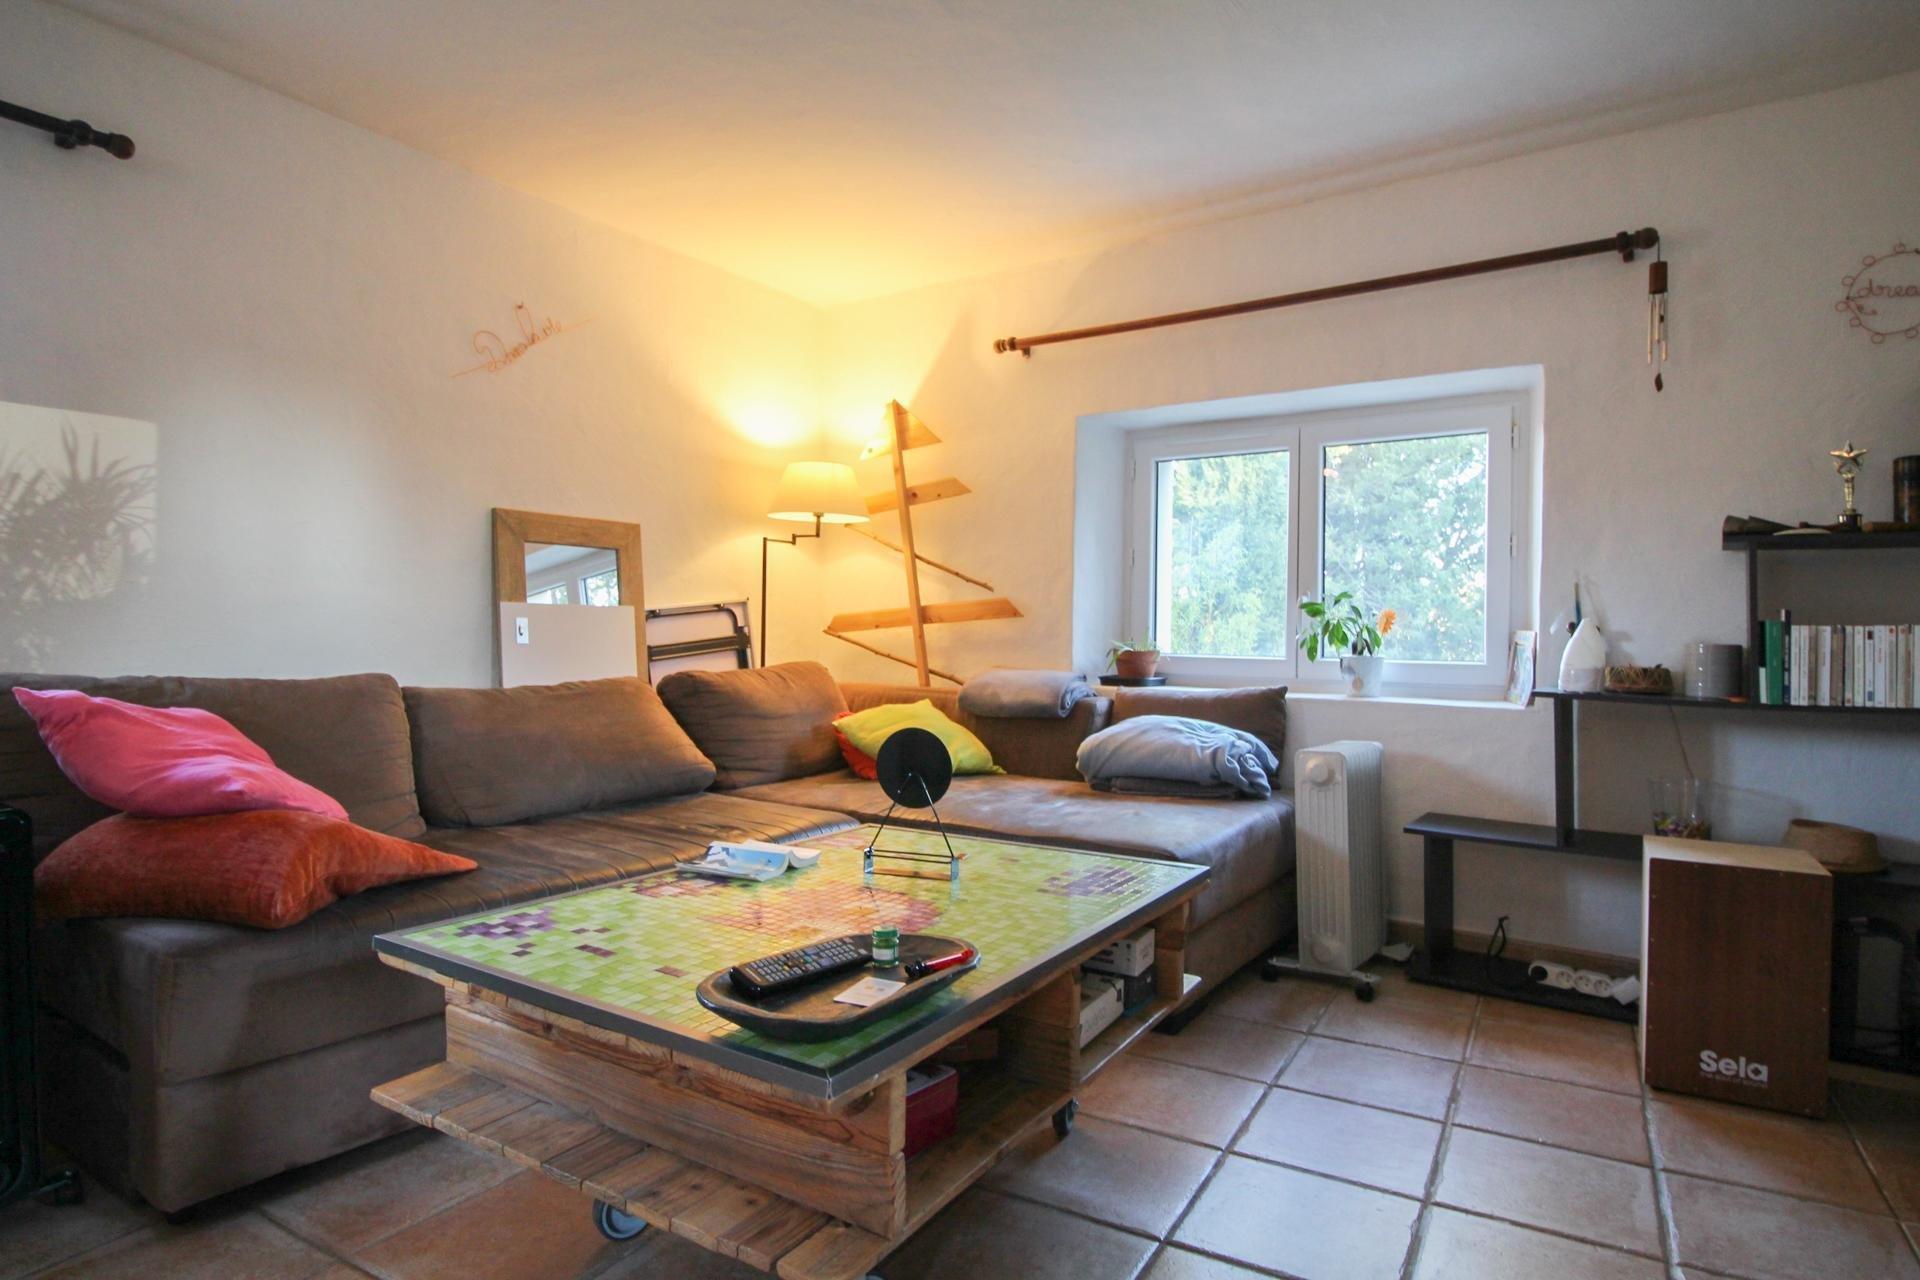 FAYENCE - Stone sheepfold + house on 5000 m² land